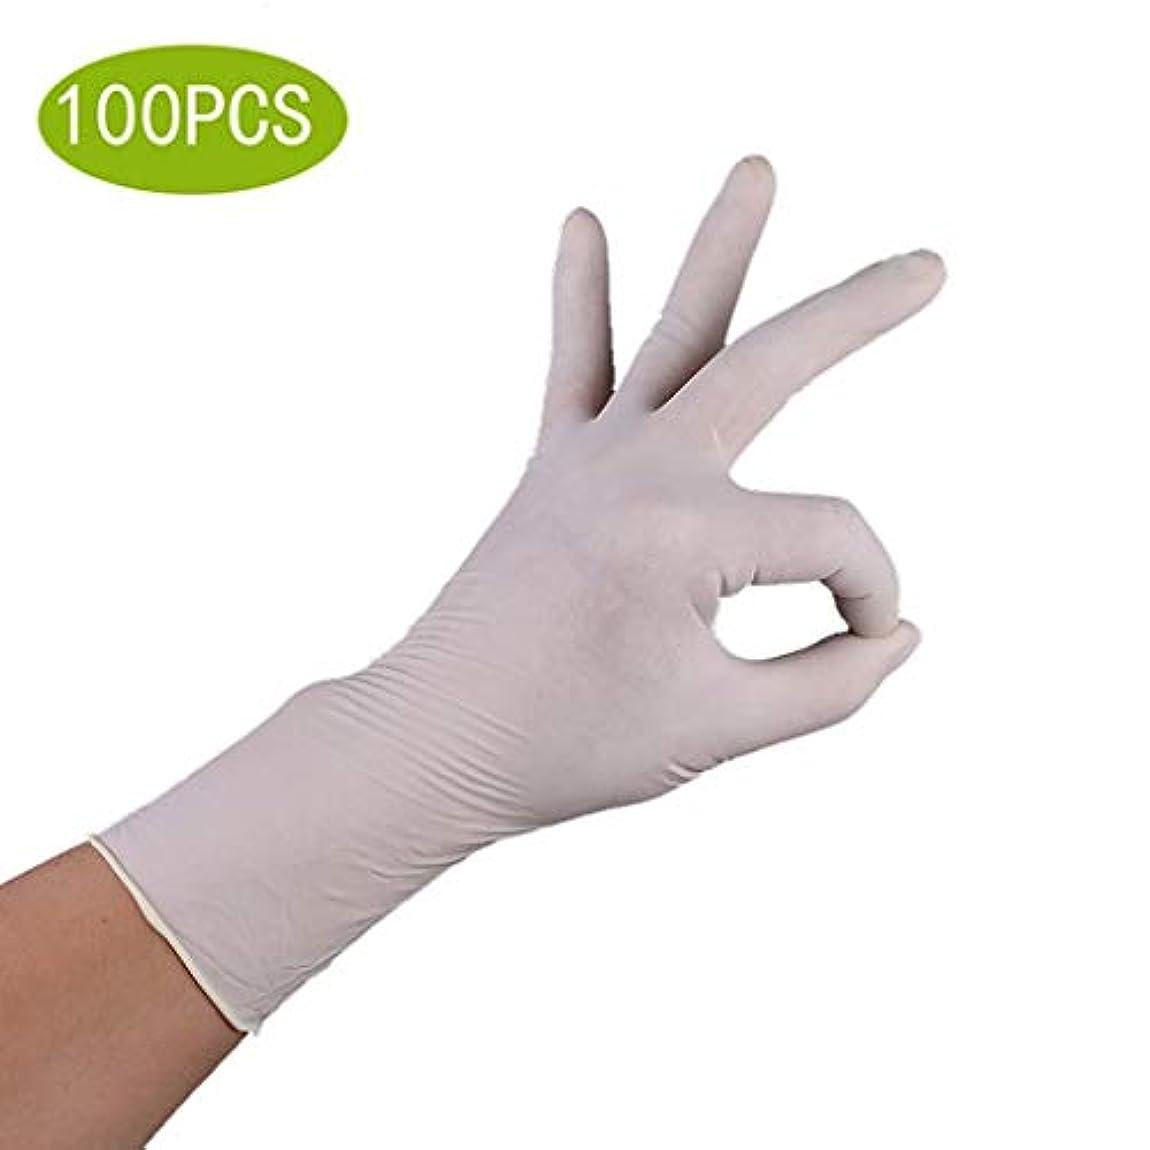 責州寛大さ使い捨て手袋食品ケータリング手術丁清ゴムラテックススキンキッチン厚い試験/食品グレード安全用品、使い捨て手袋ディスペンサー[100個] (Size : L)